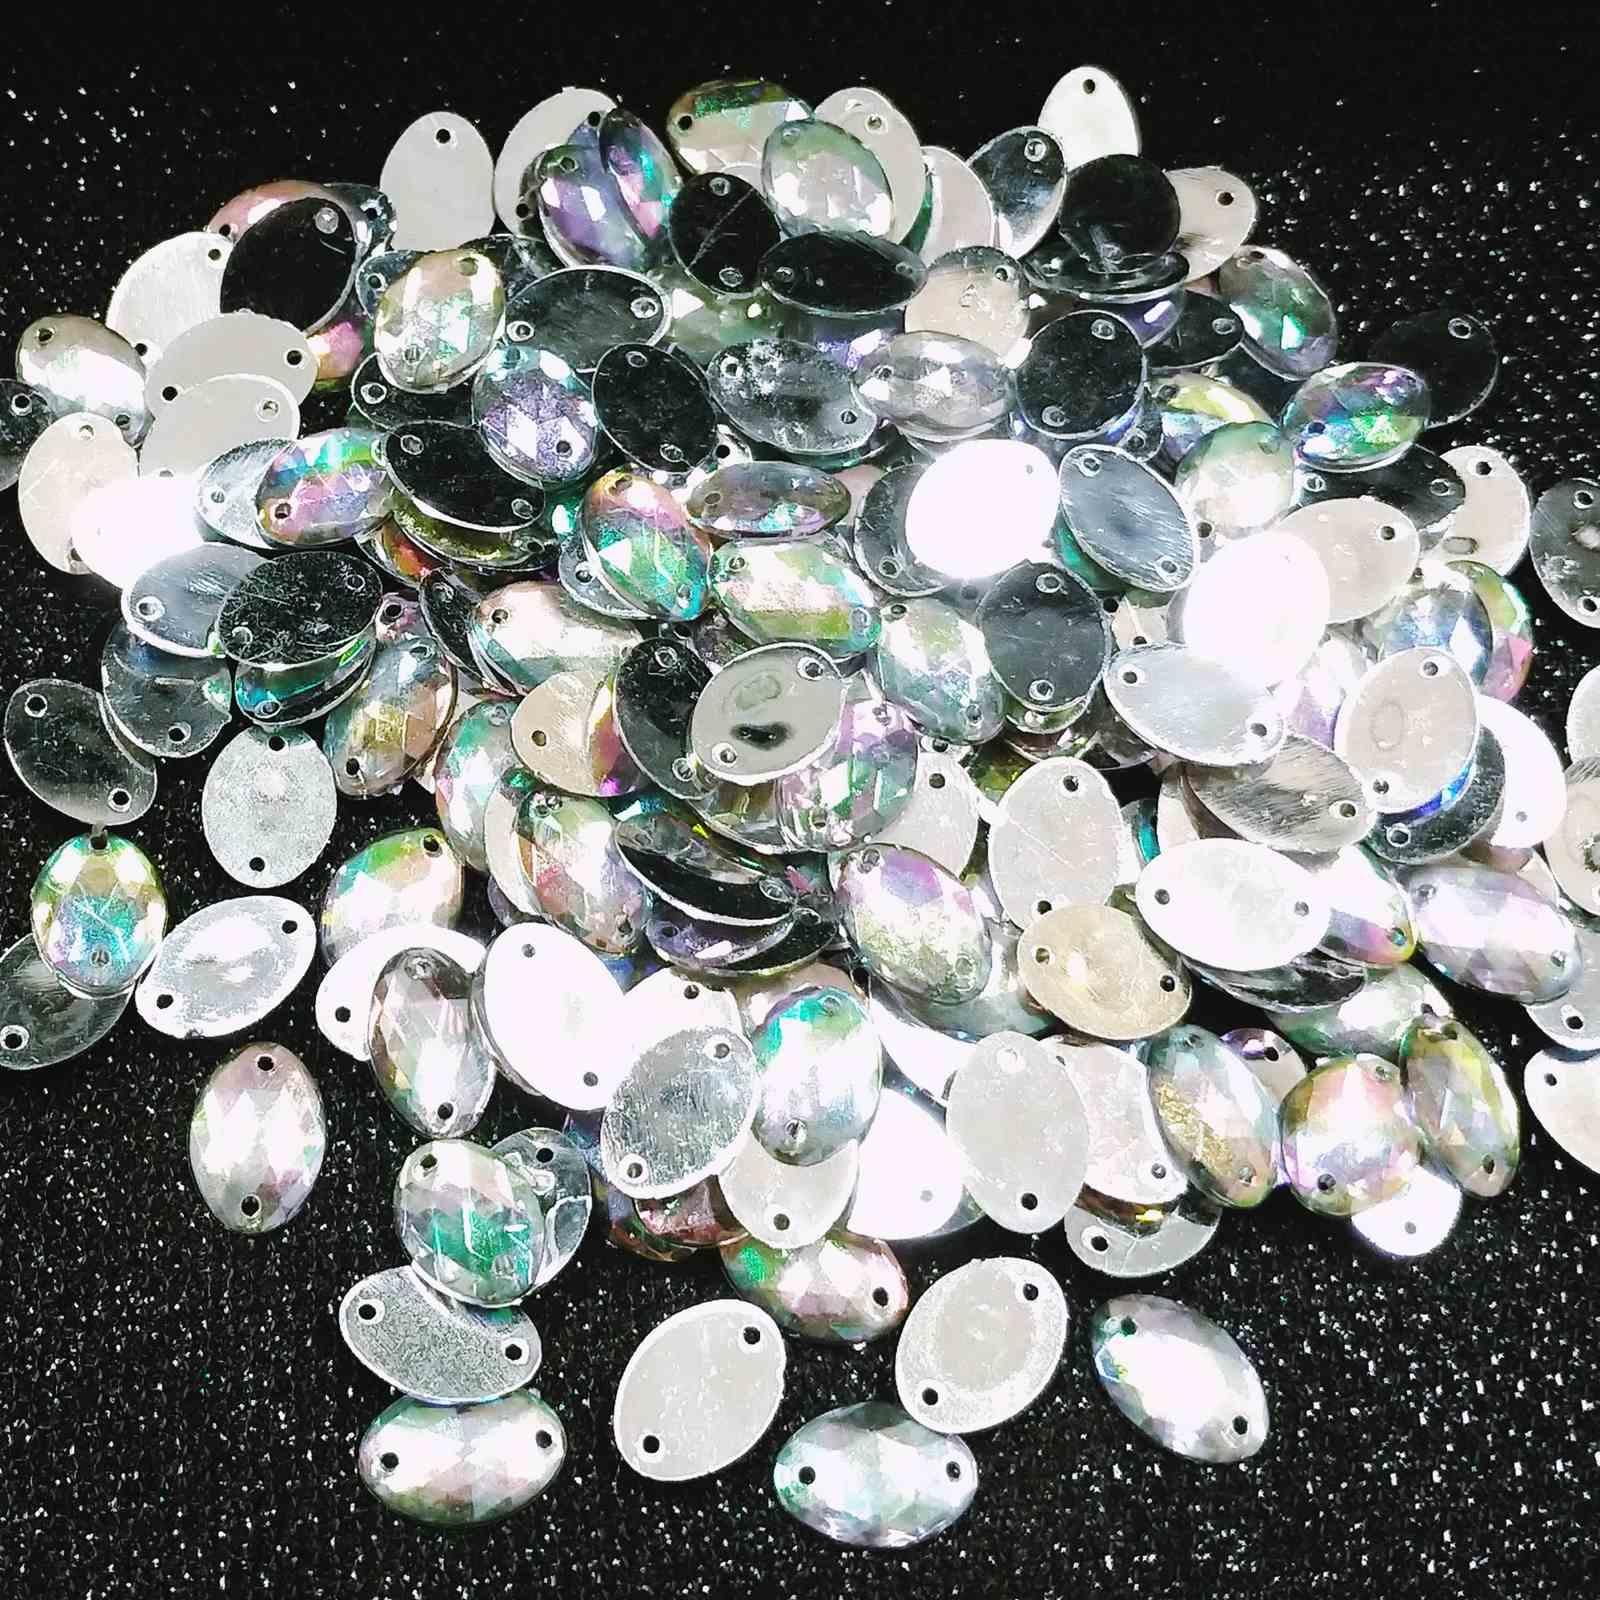 Chaton Oval  Acrilico - 10x14 - Pacote com 1.000 unidades